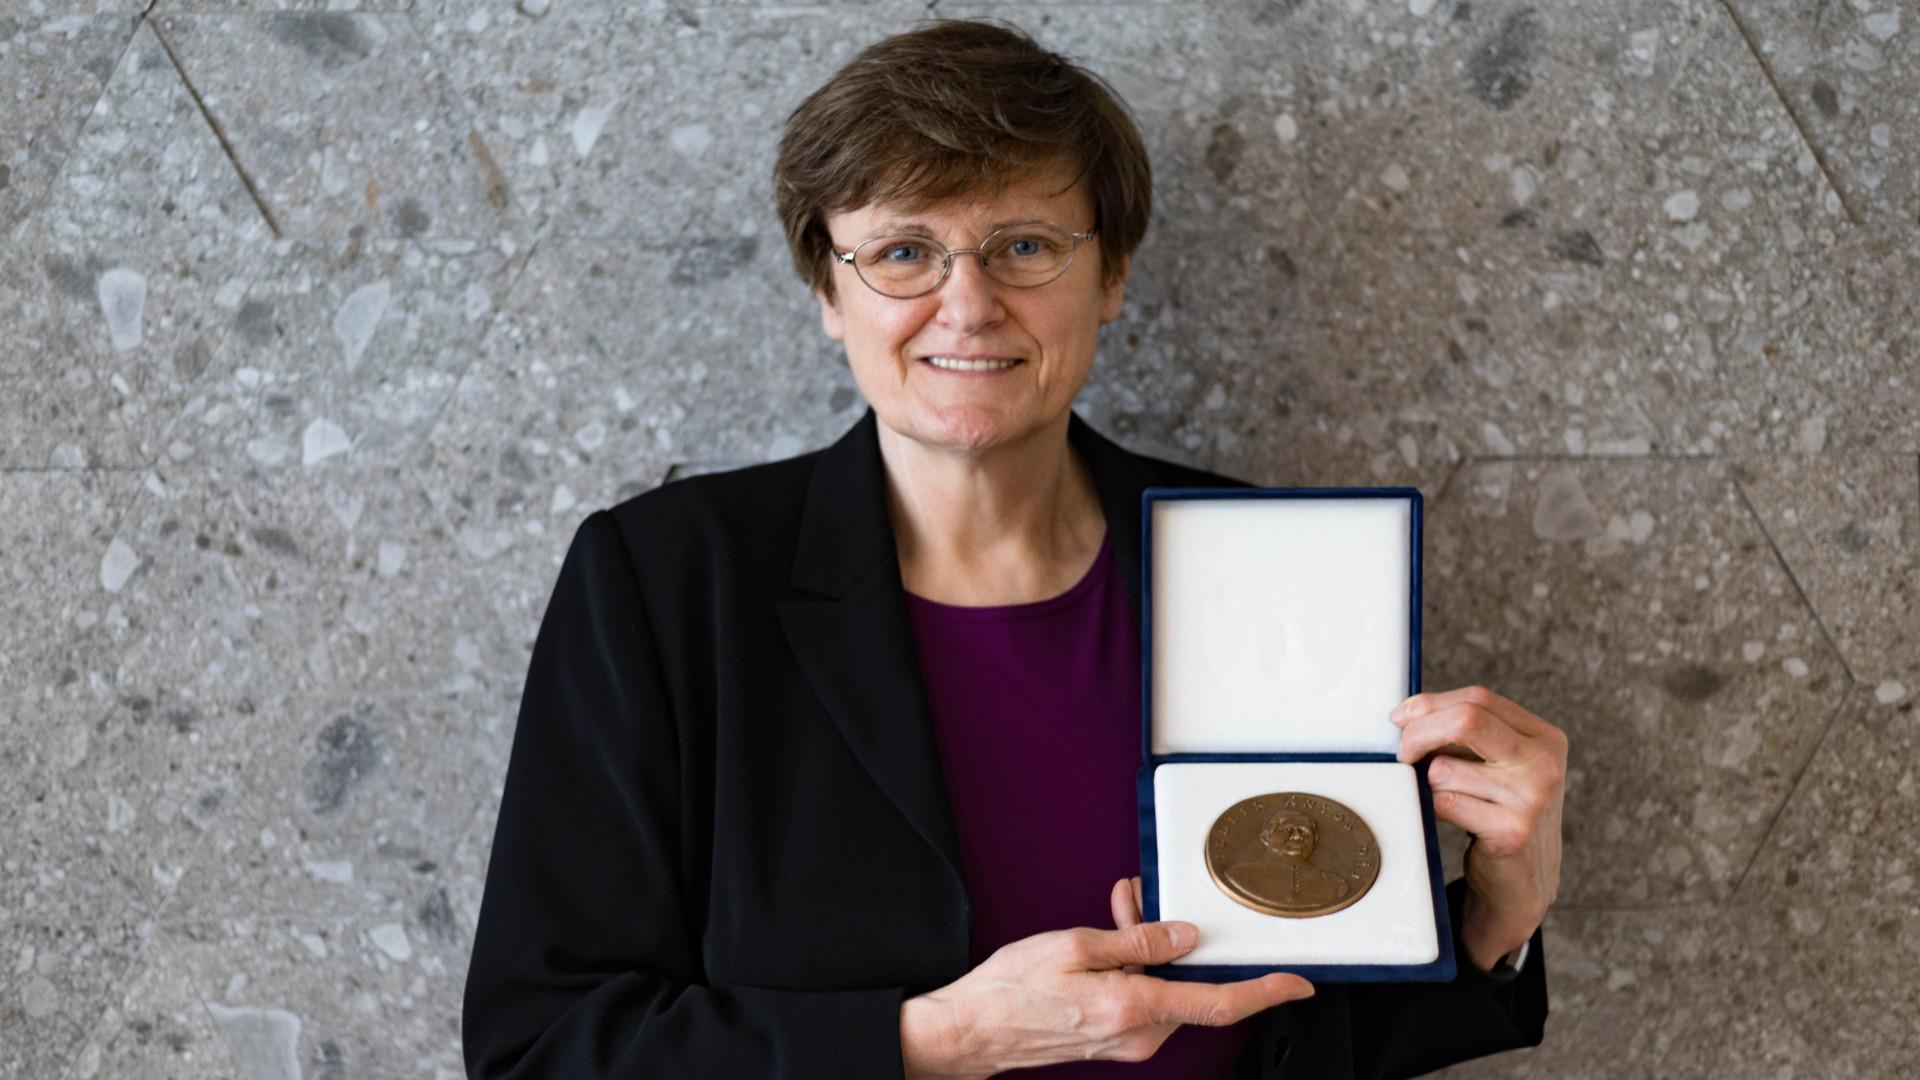 Küszöbön  Nobel-díj? Karikó Katalin kapta a Lasker Alapítvány kitüntetését